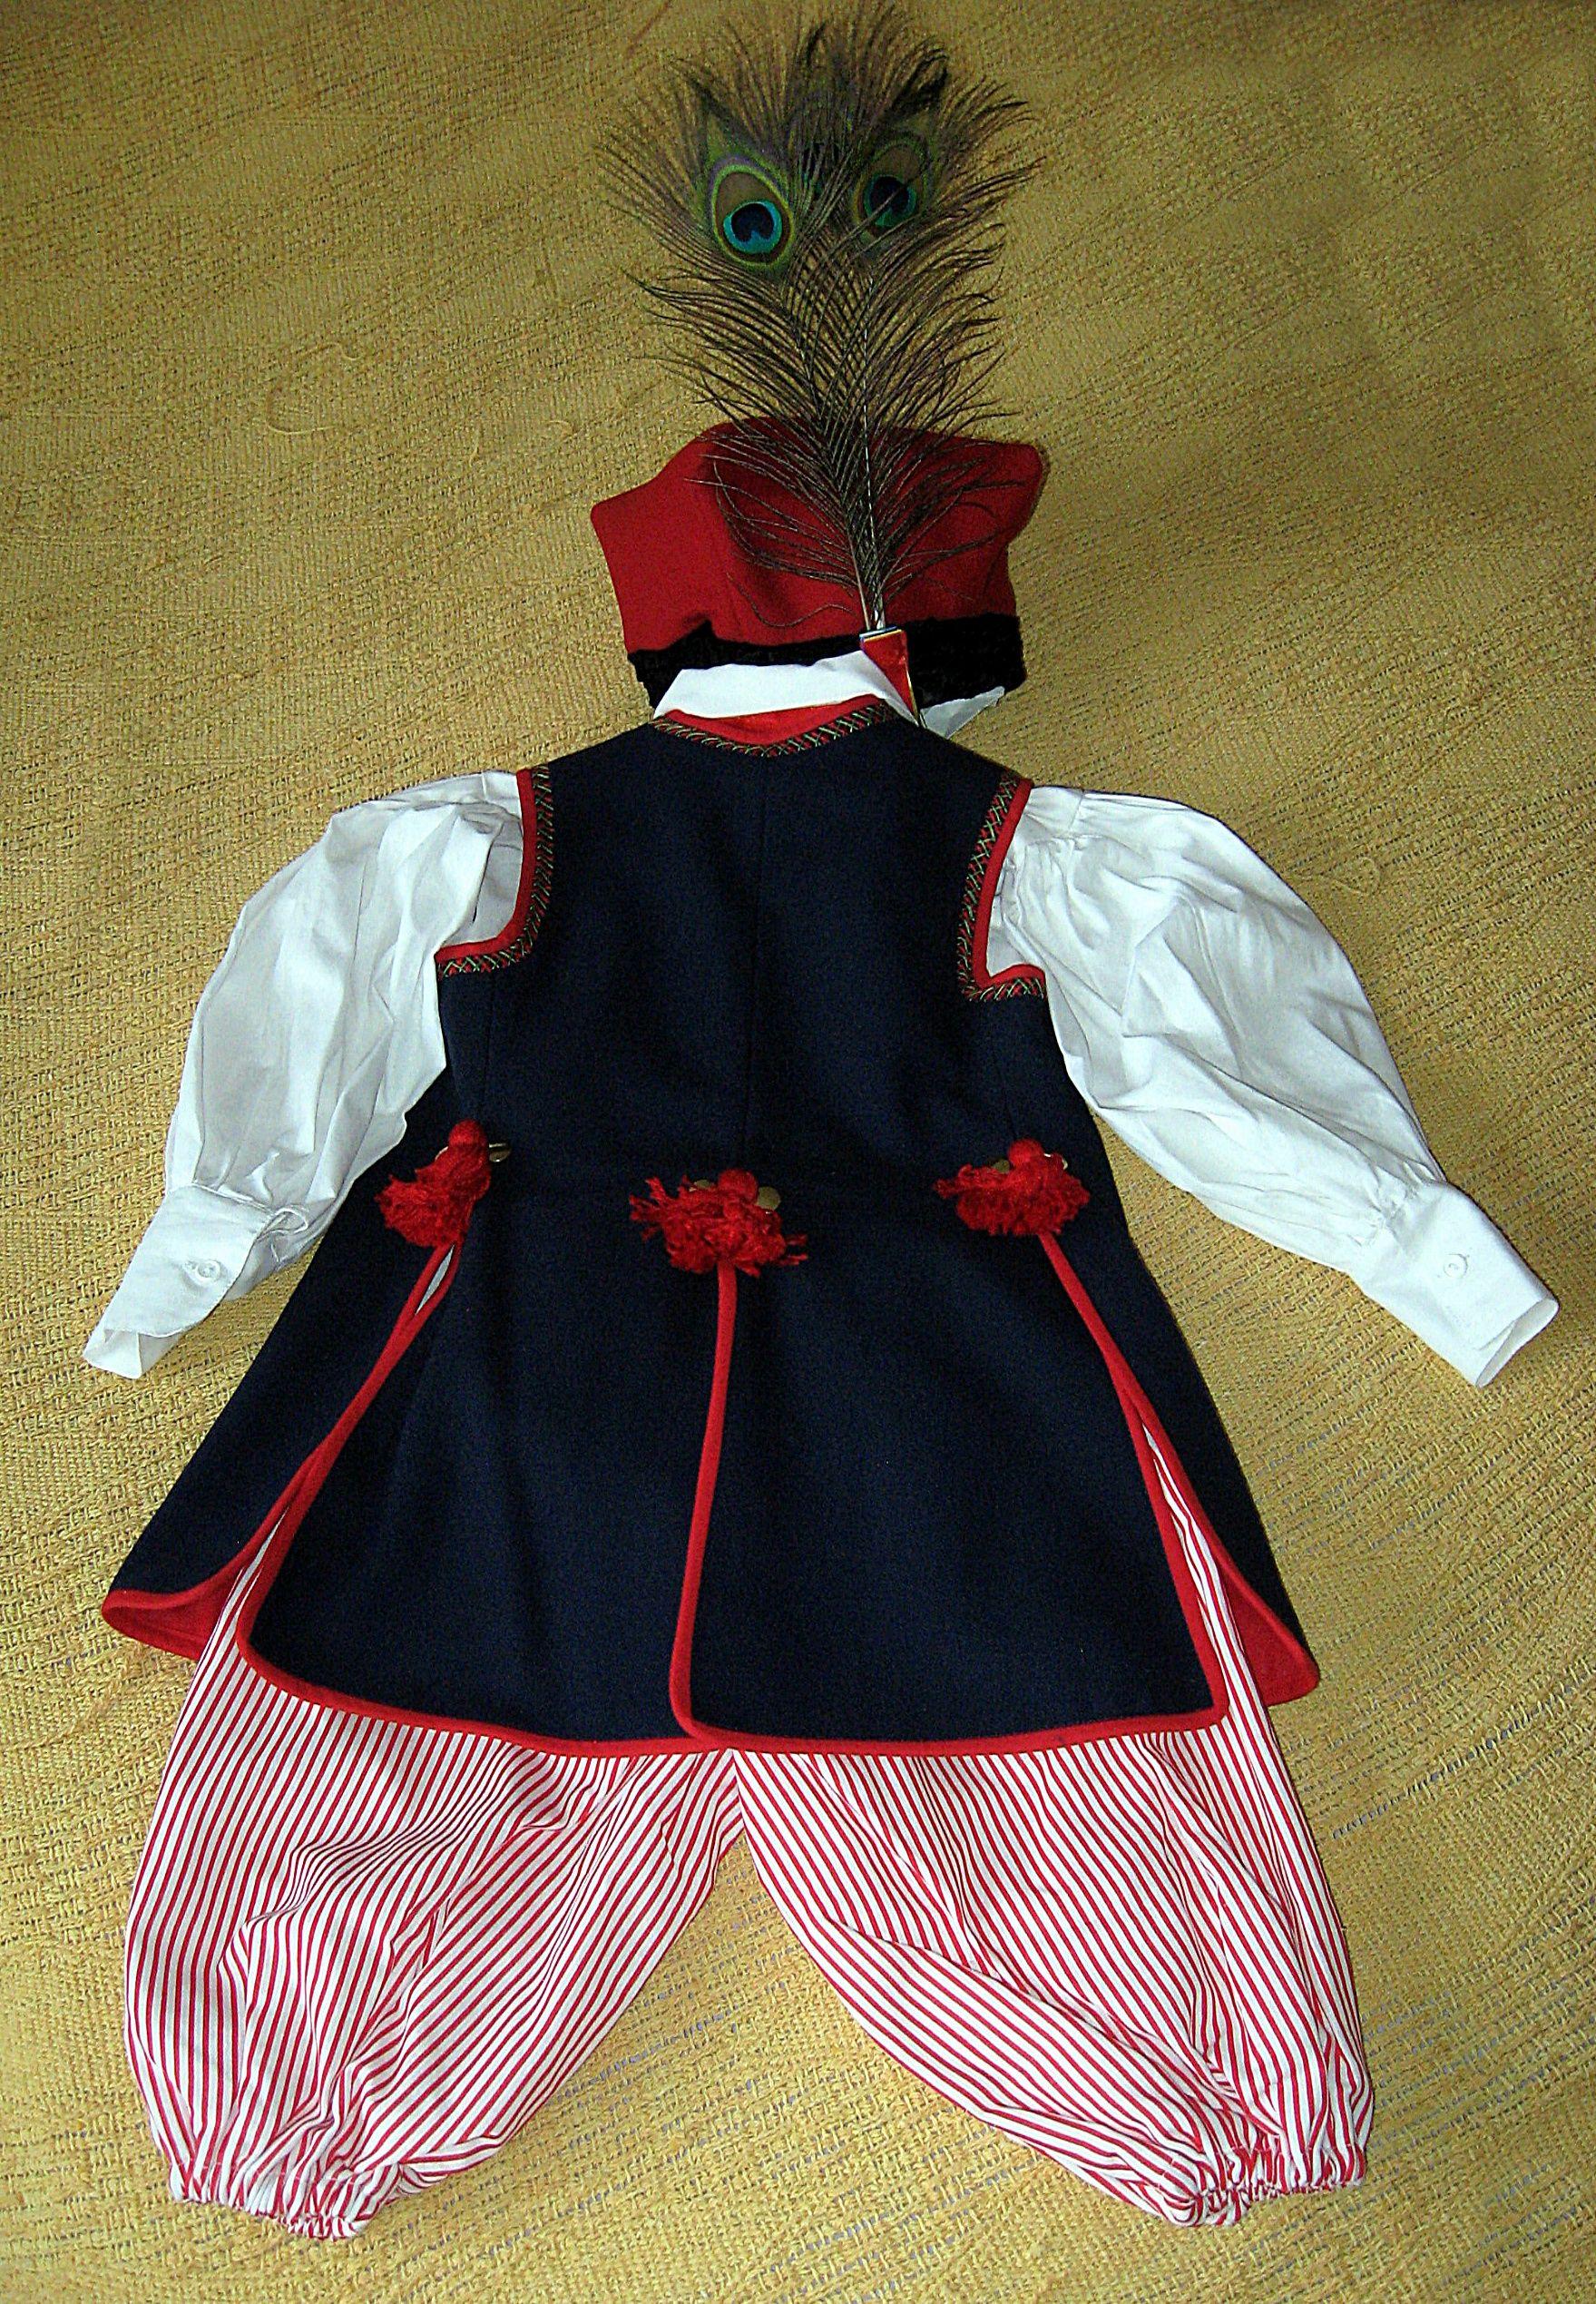 Stroj Krakowski Chlopiecy Fashion Sewing Apron